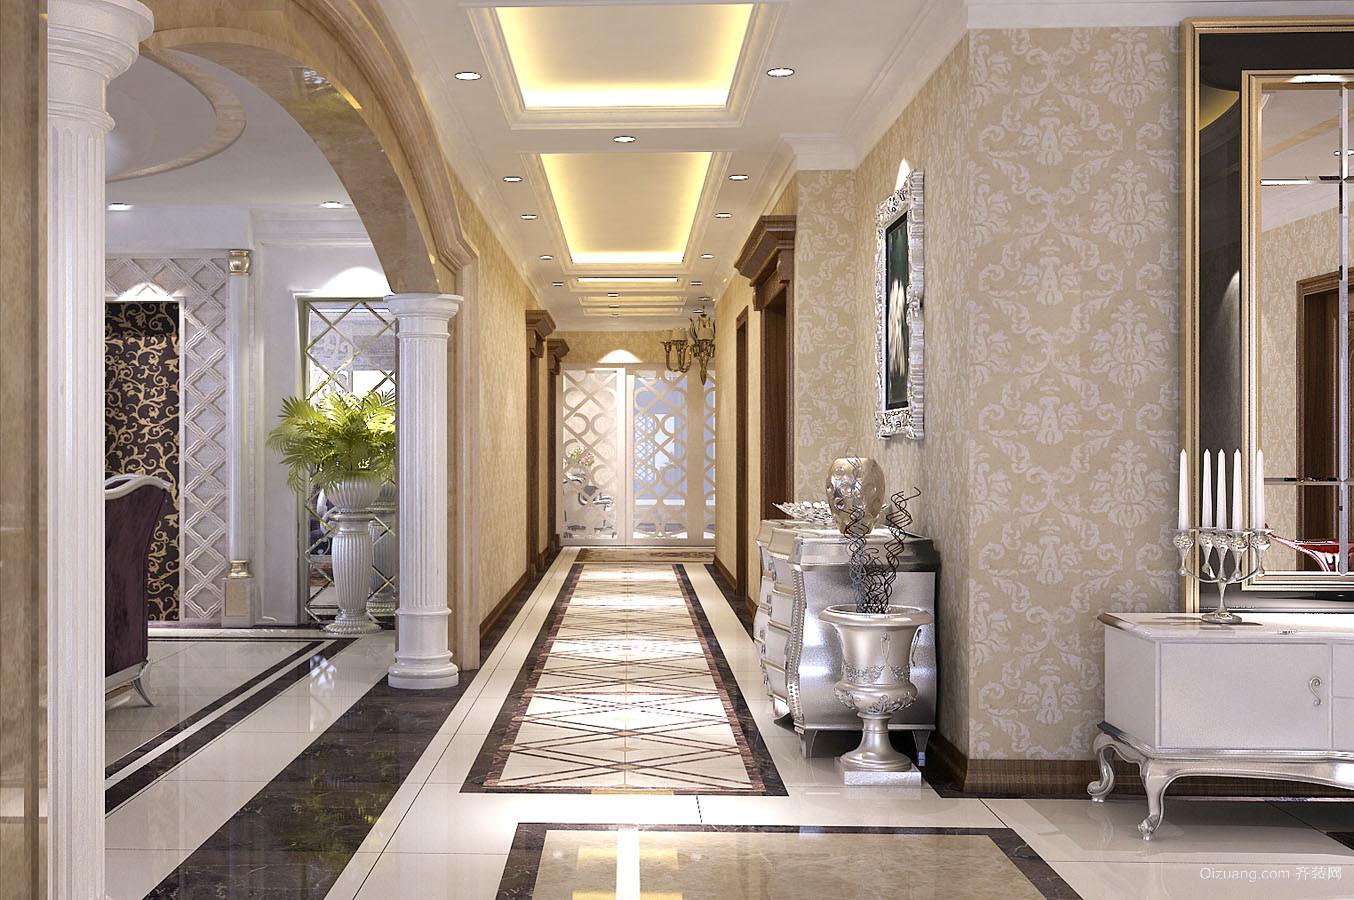 420平米装修户型欧式家装图片跃层风格v户型-邢蒙古包设计图图片